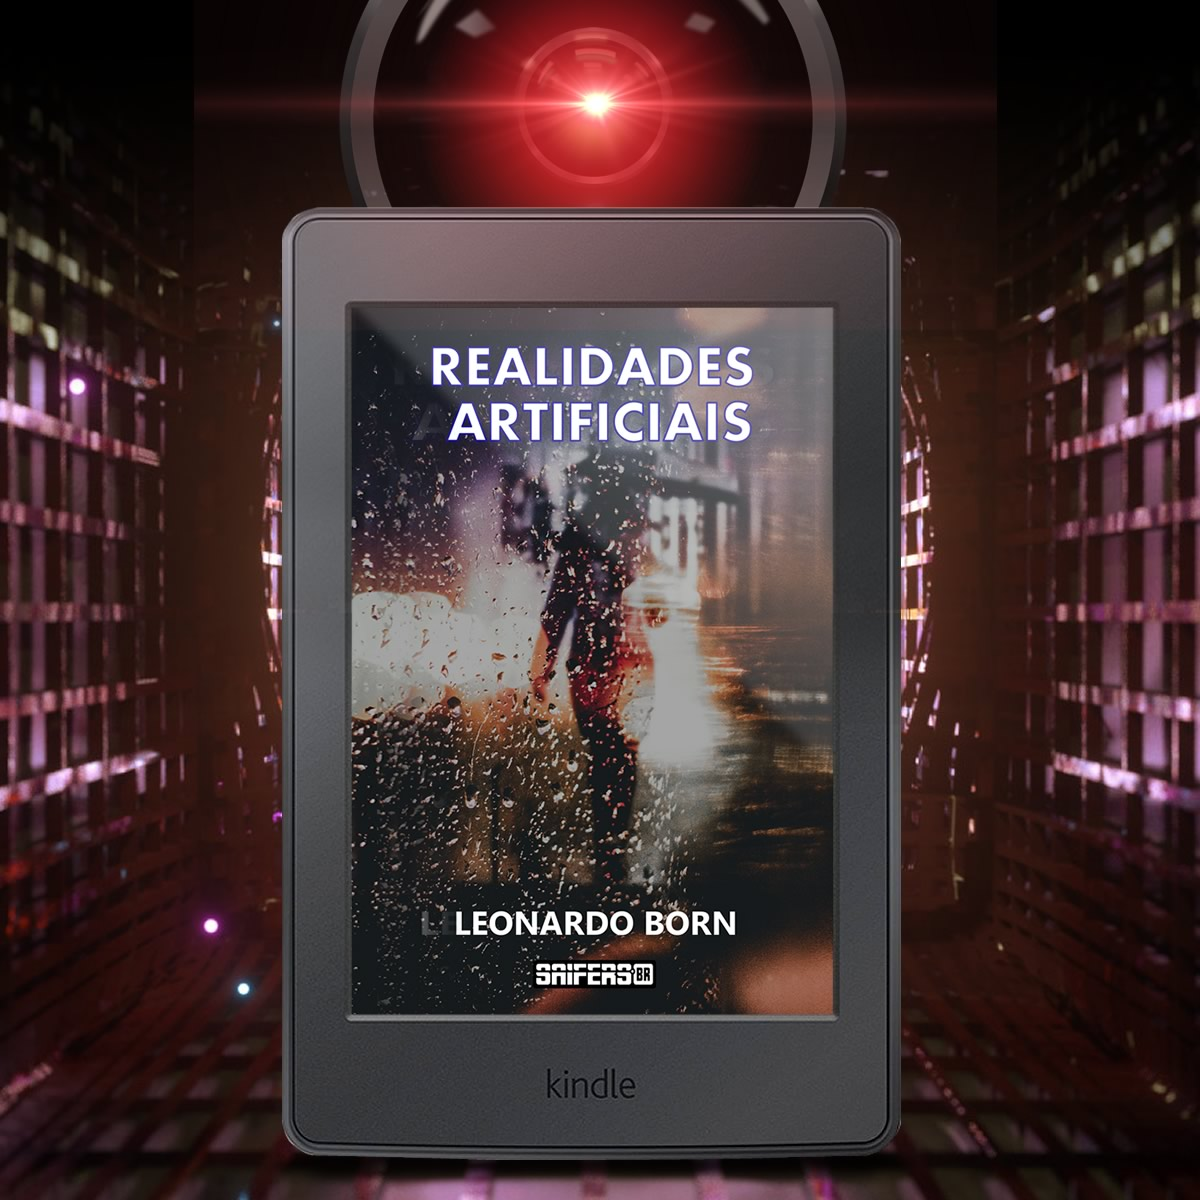 Leonardo Realidades site - Leonardo Born | Escritor de Ficção Científica apresenta histórias de mistério e distopias do universo sci fi em seus livros